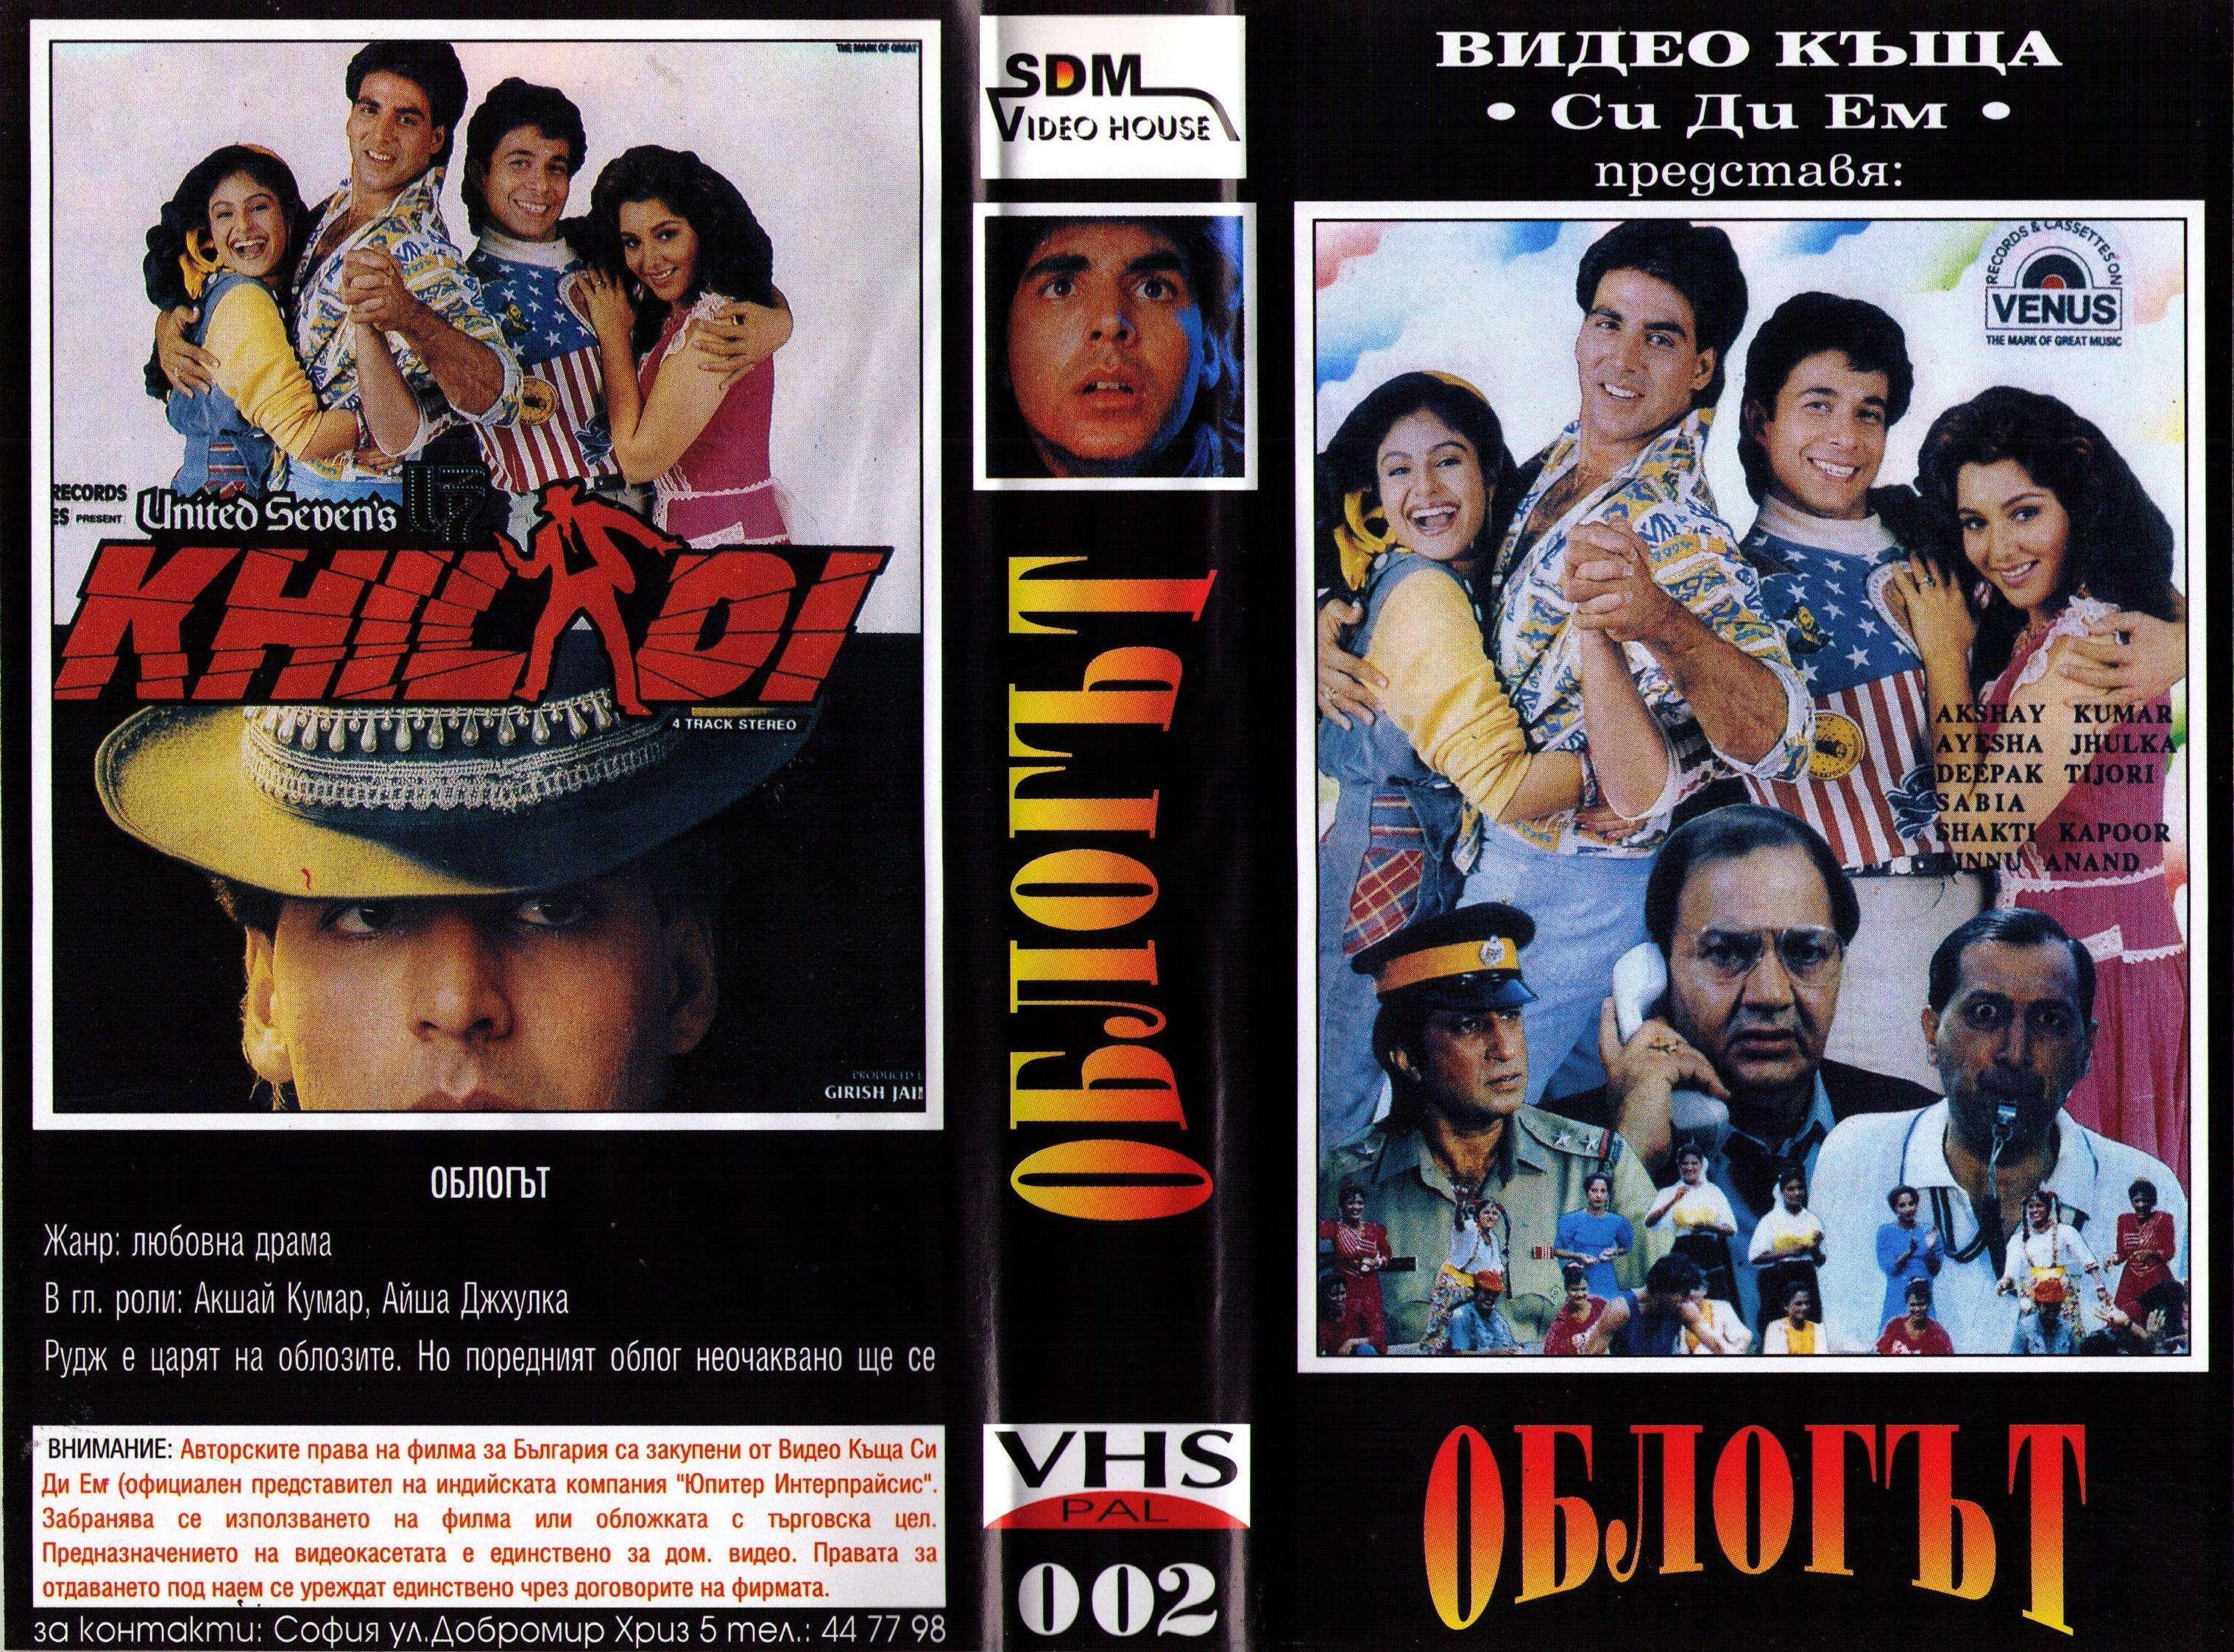 Облогът индийски филм